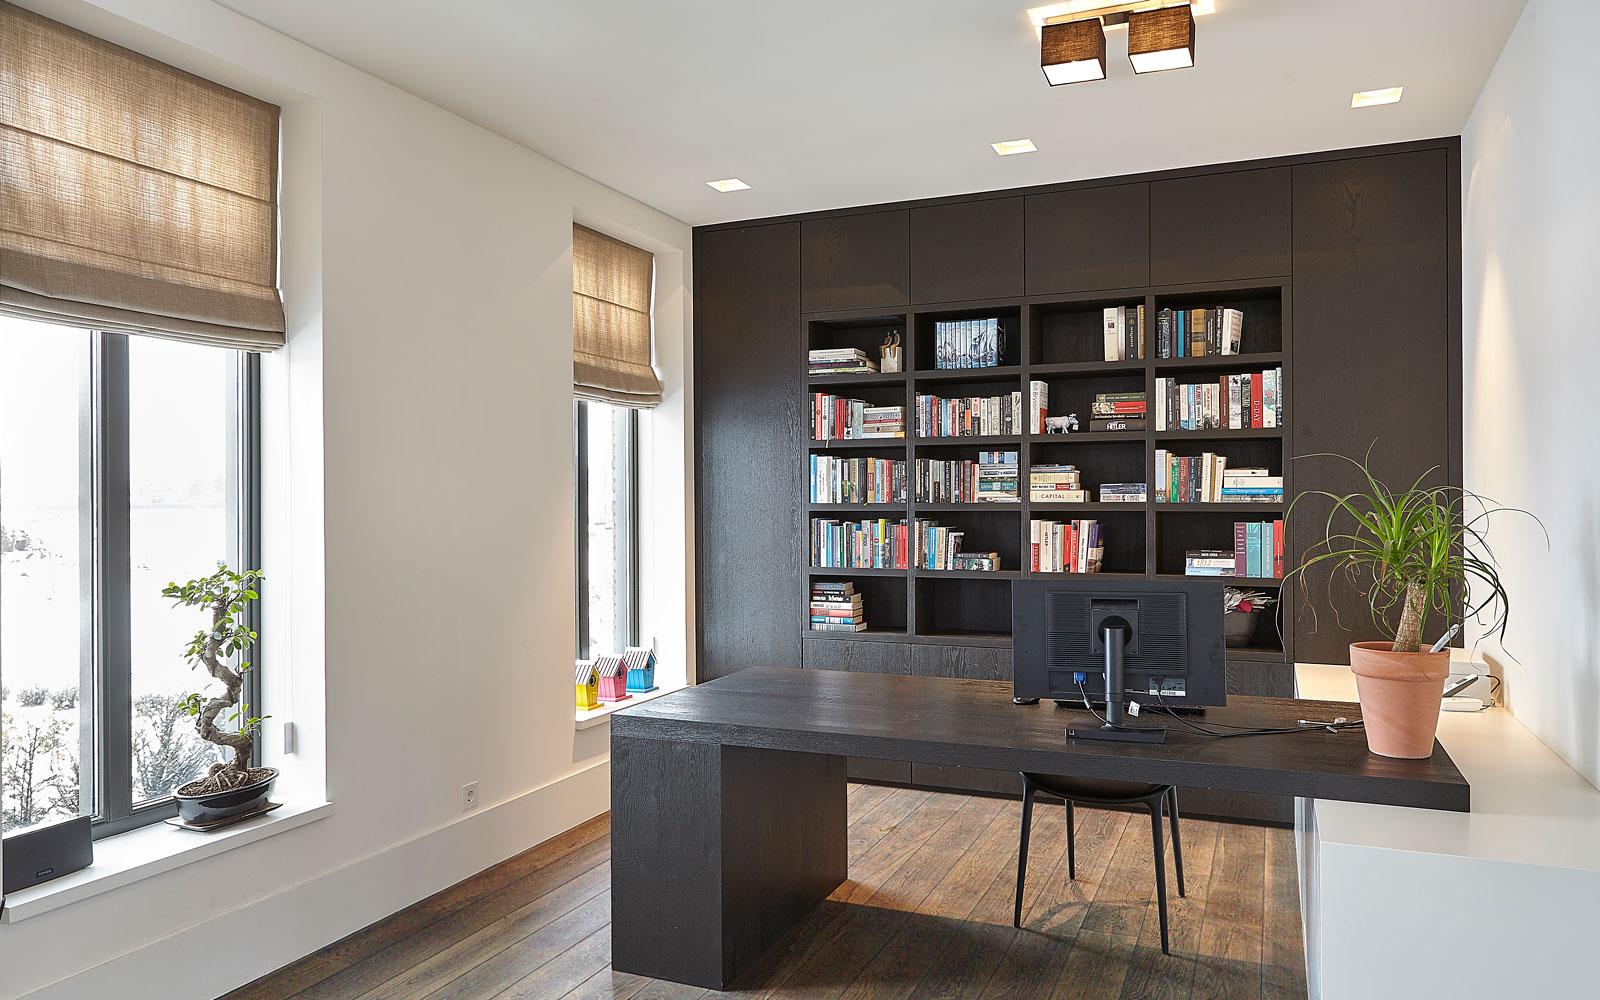 Home office, study, kantoor, boekenkast, werkplek, droomvilla, Marco Daverveld